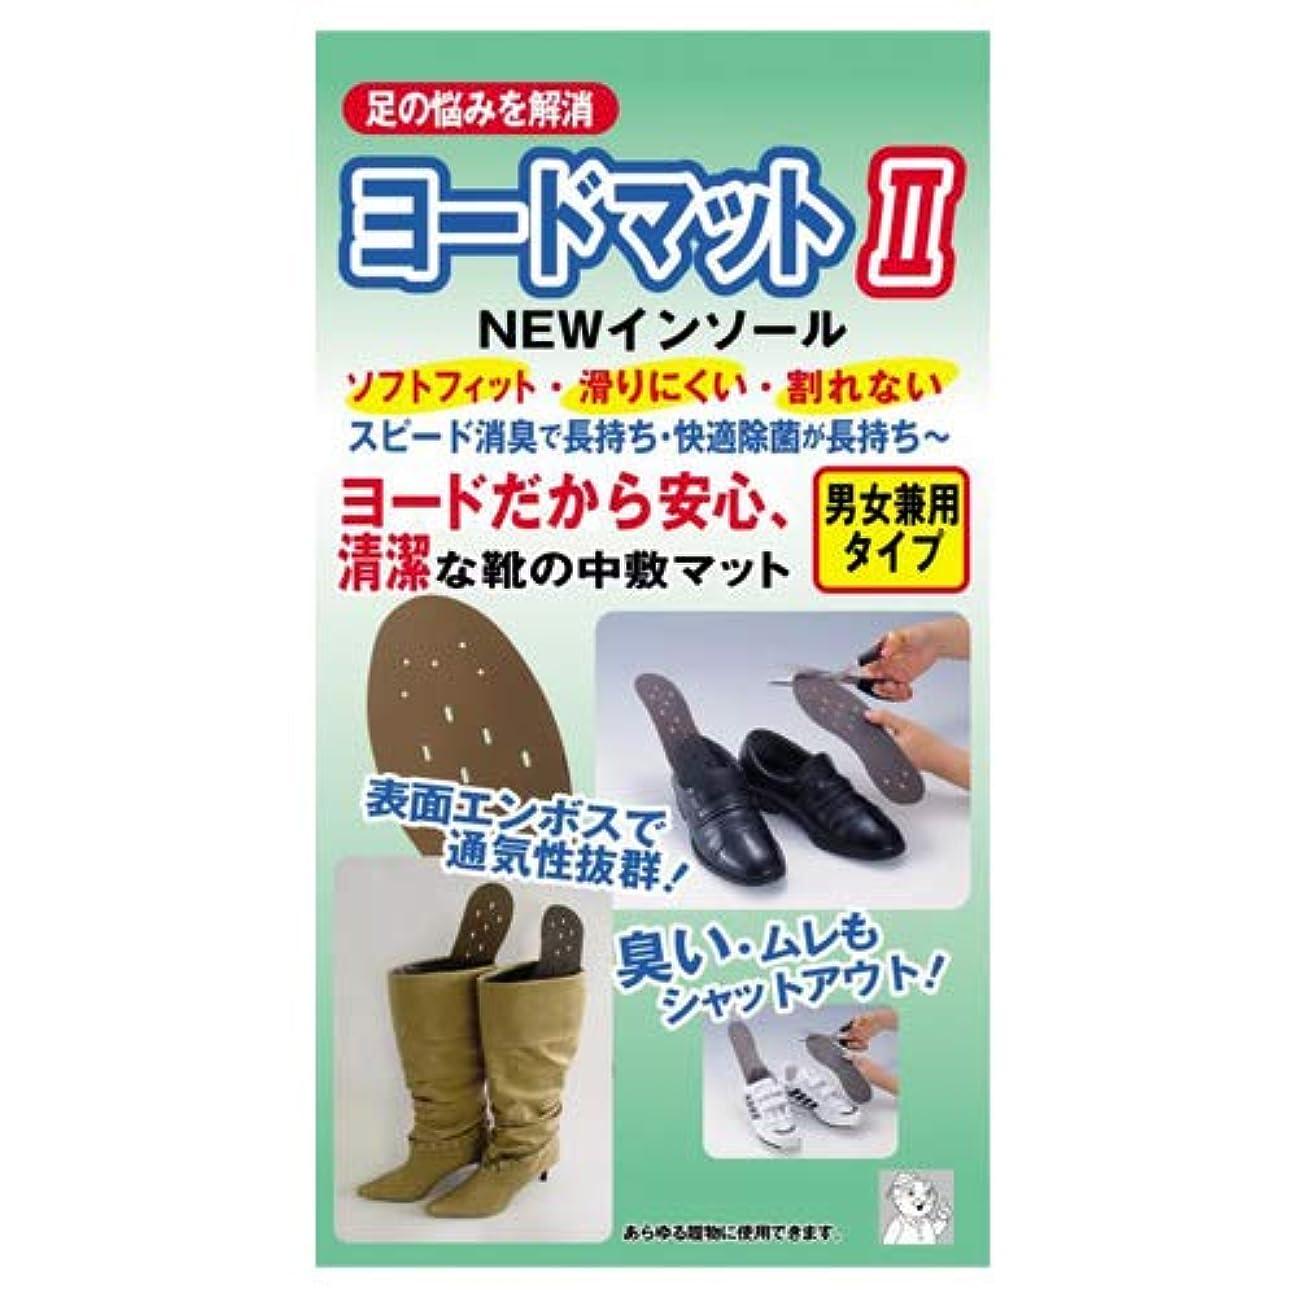 変装害虫クラフトヨードマット2 ベージュ 【200セット】